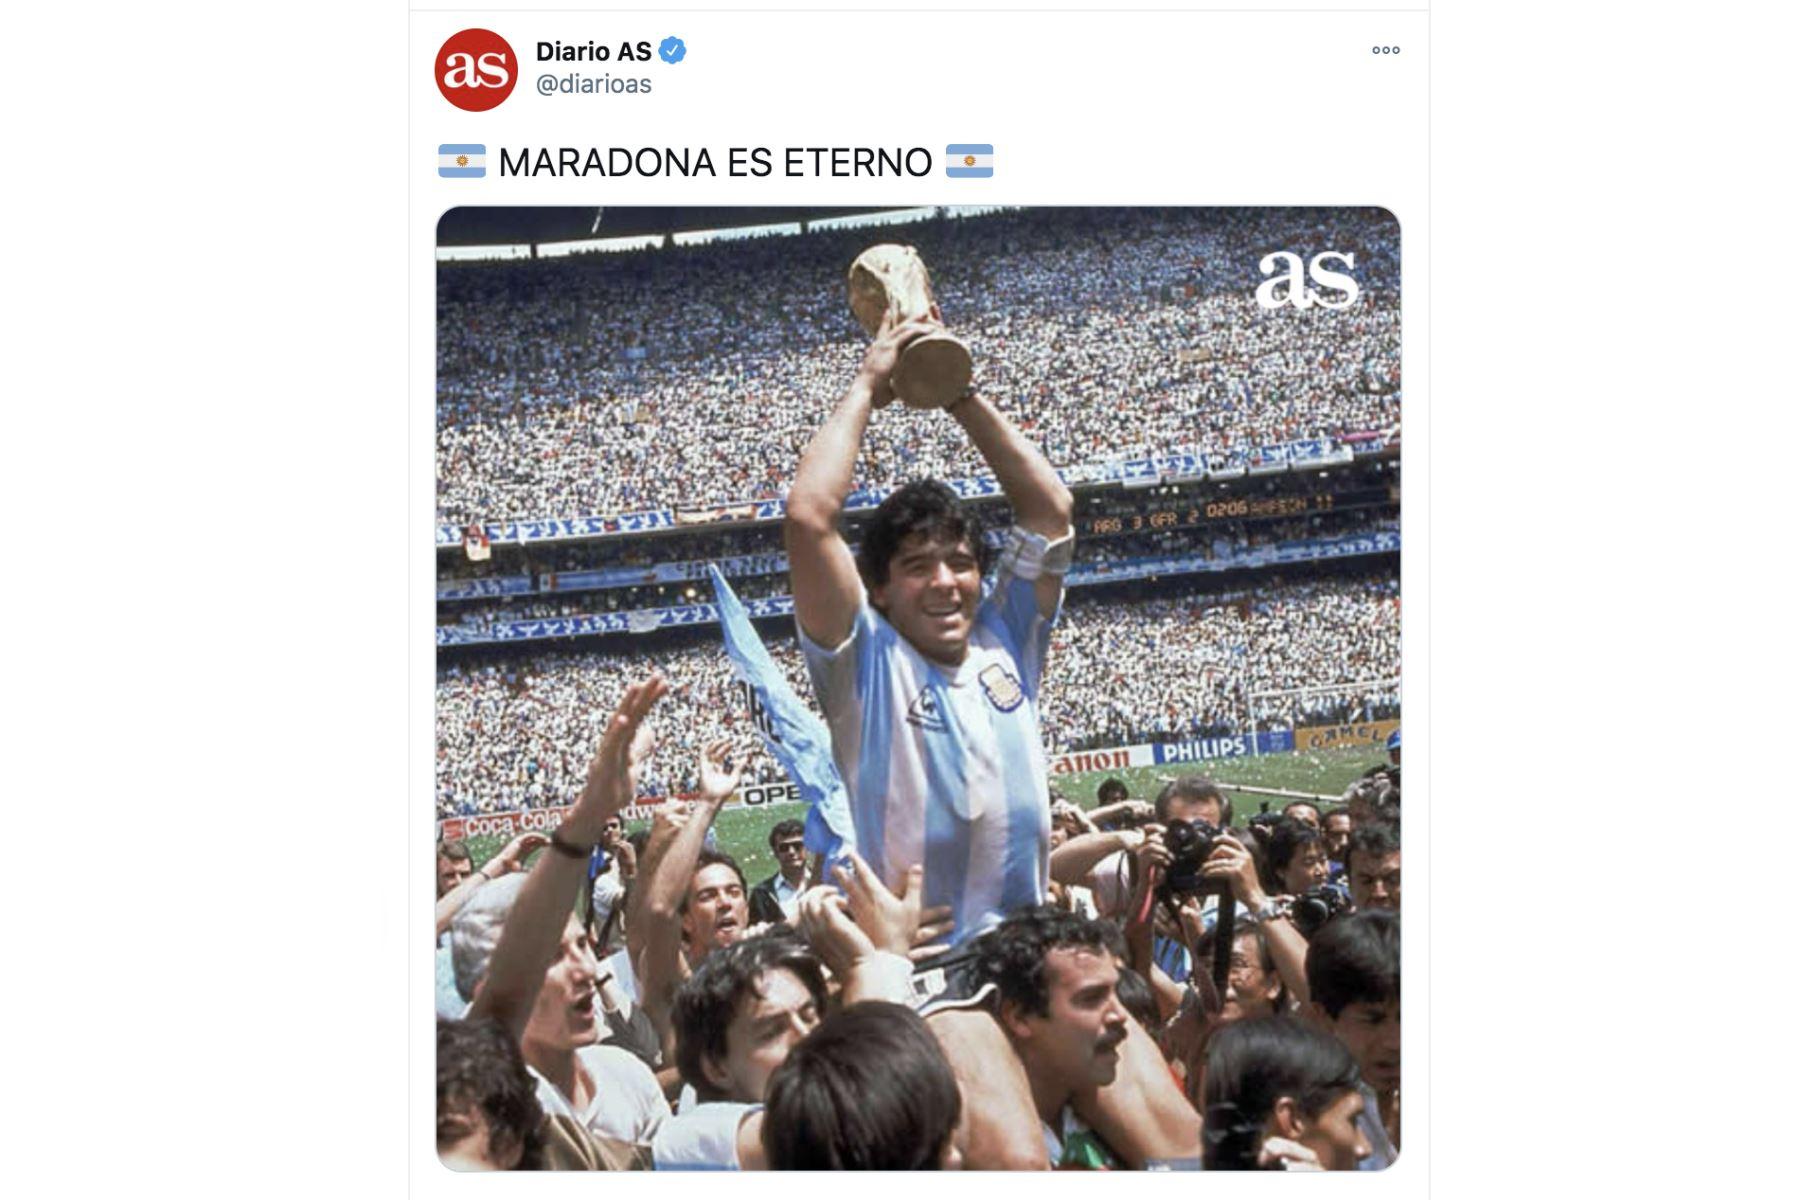 Así informa la prensa mundial la muerte de Diego Armando Maradona. Diario AS